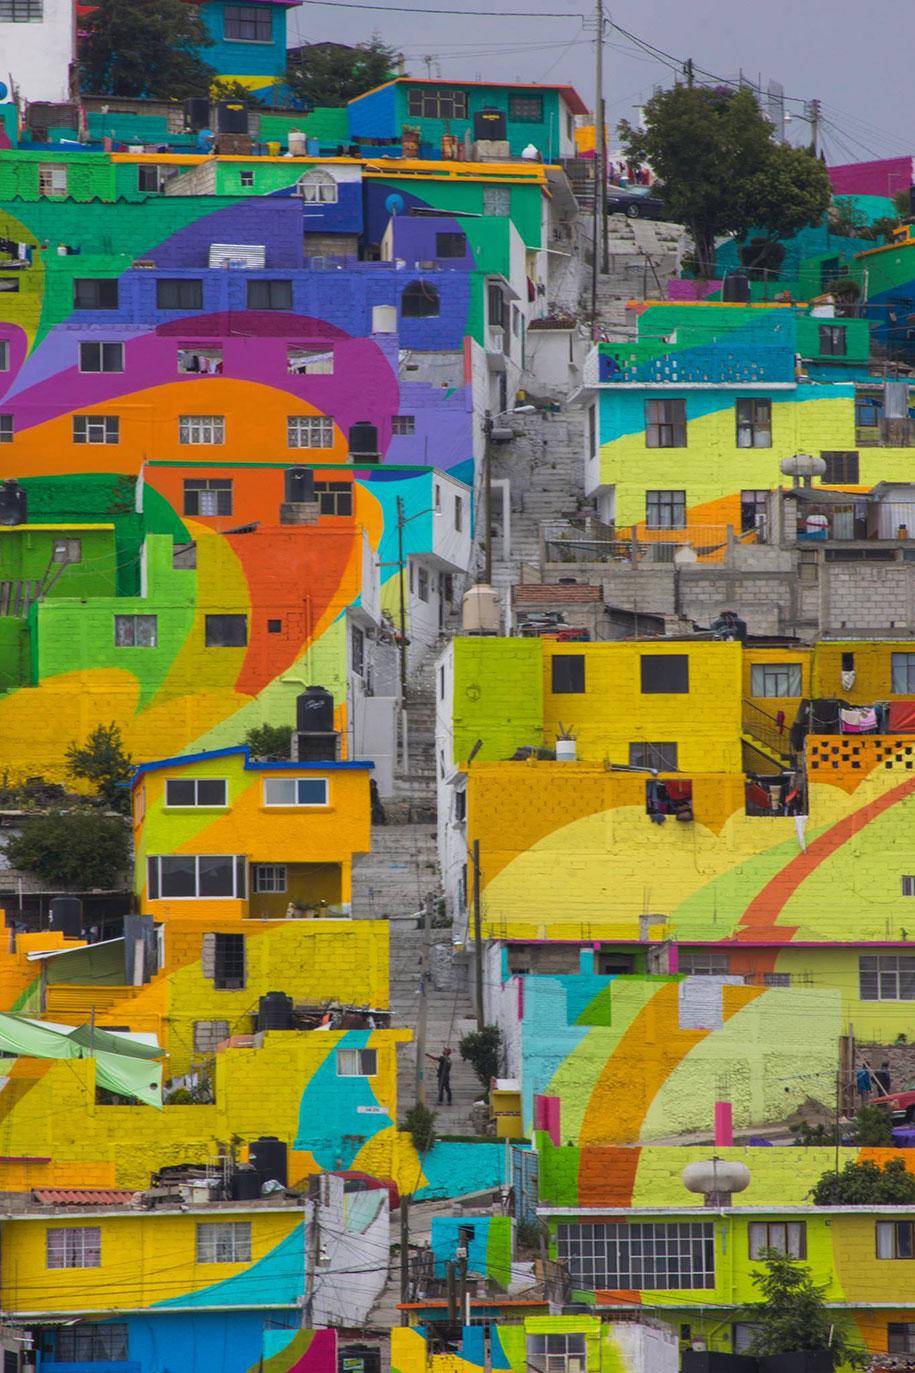 street-art-messico-macro-murales-palmitas-germen-crew-06